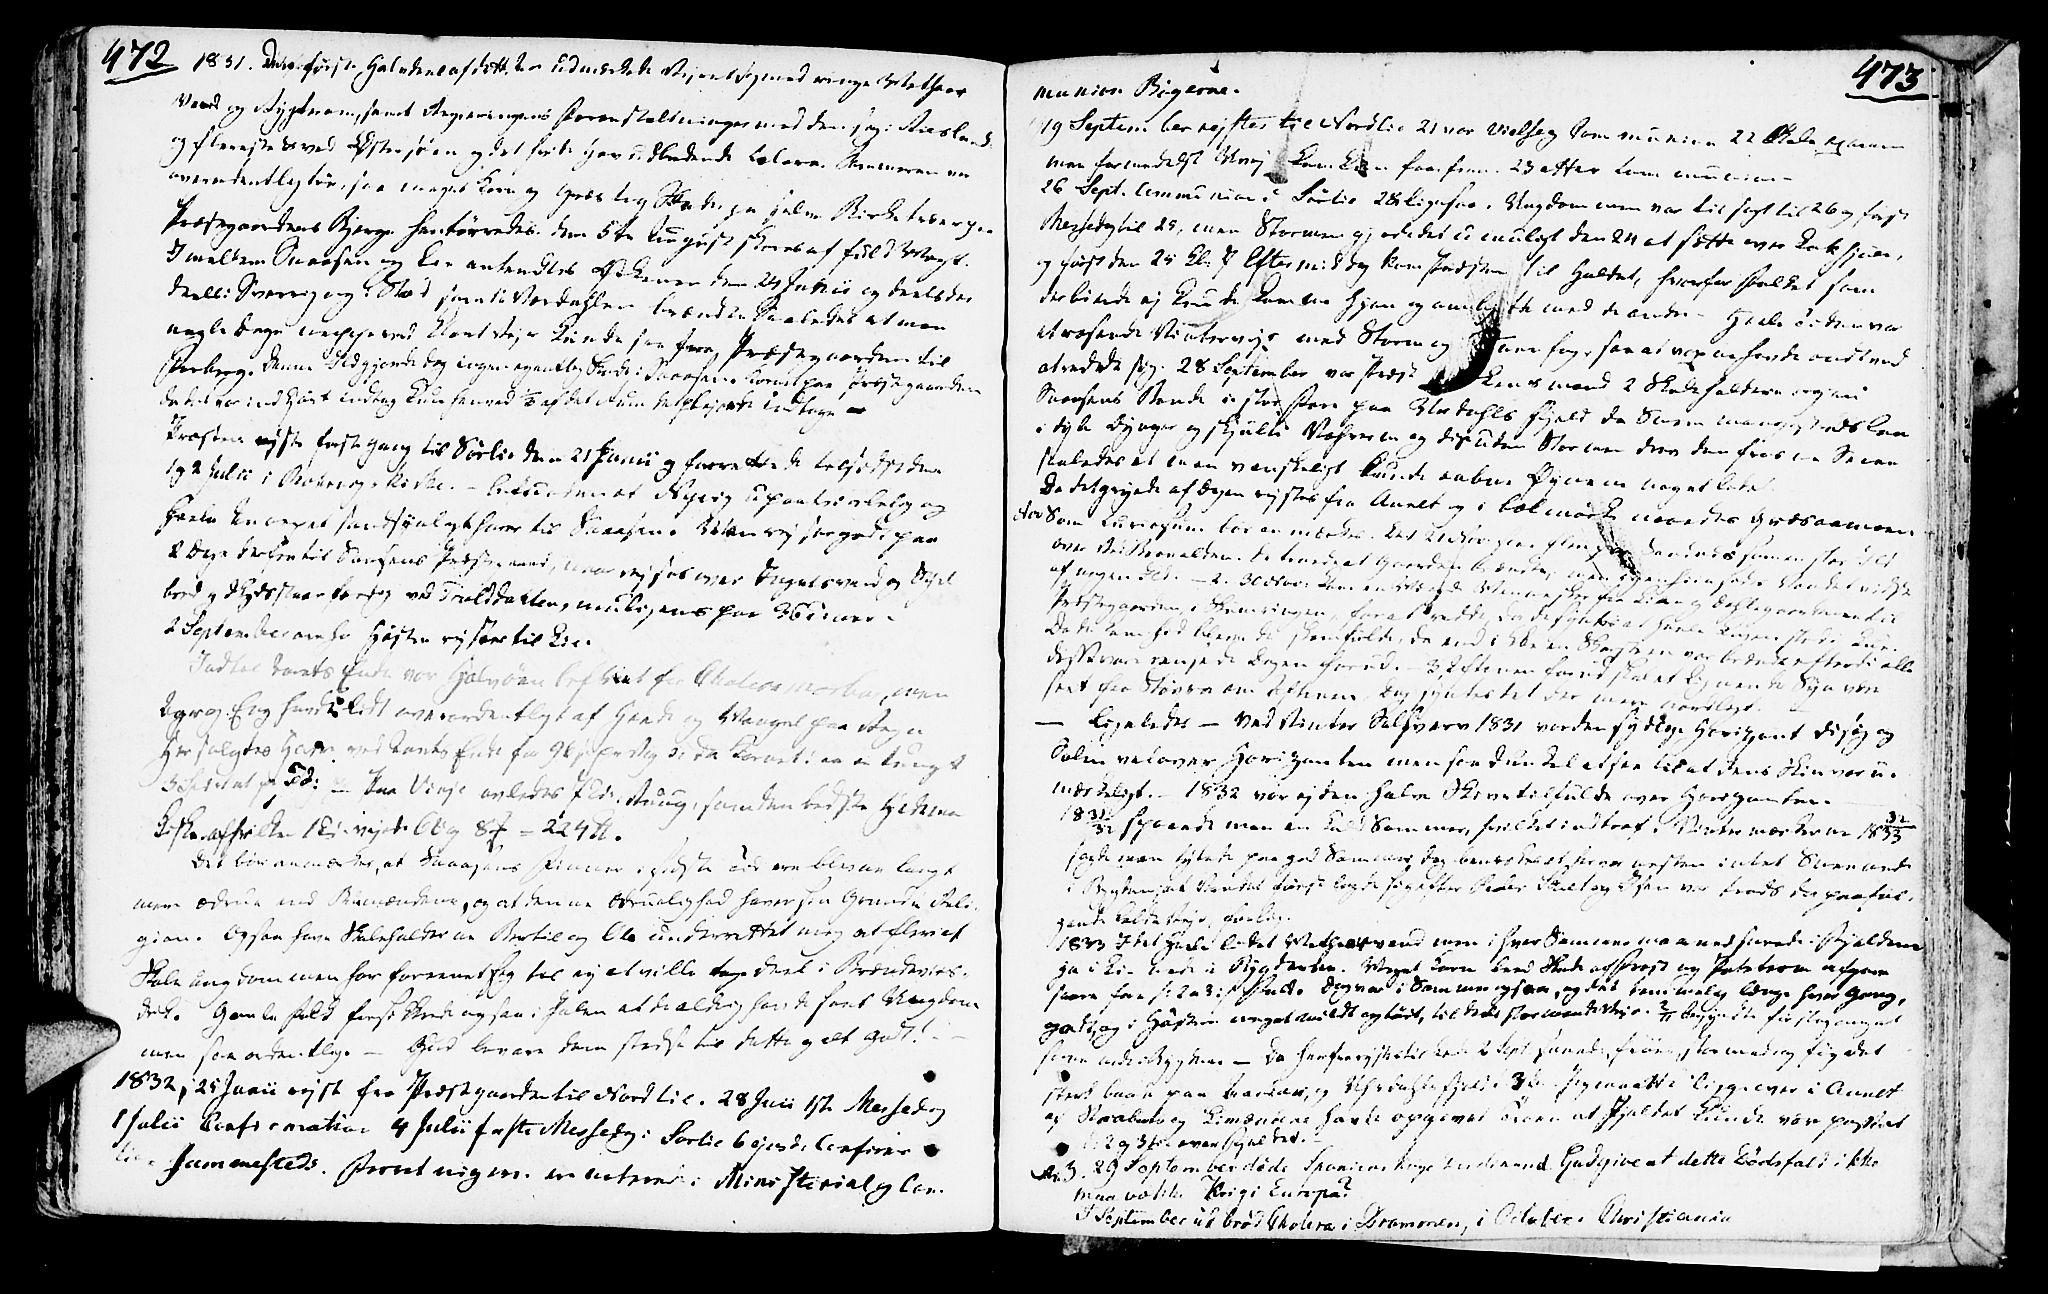 SAT, Ministerialprotokoller, klokkerbøker og fødselsregistre - Nord-Trøndelag, 749/L0468: Ministerialbok nr. 749A02, 1787-1817, s. 472-473